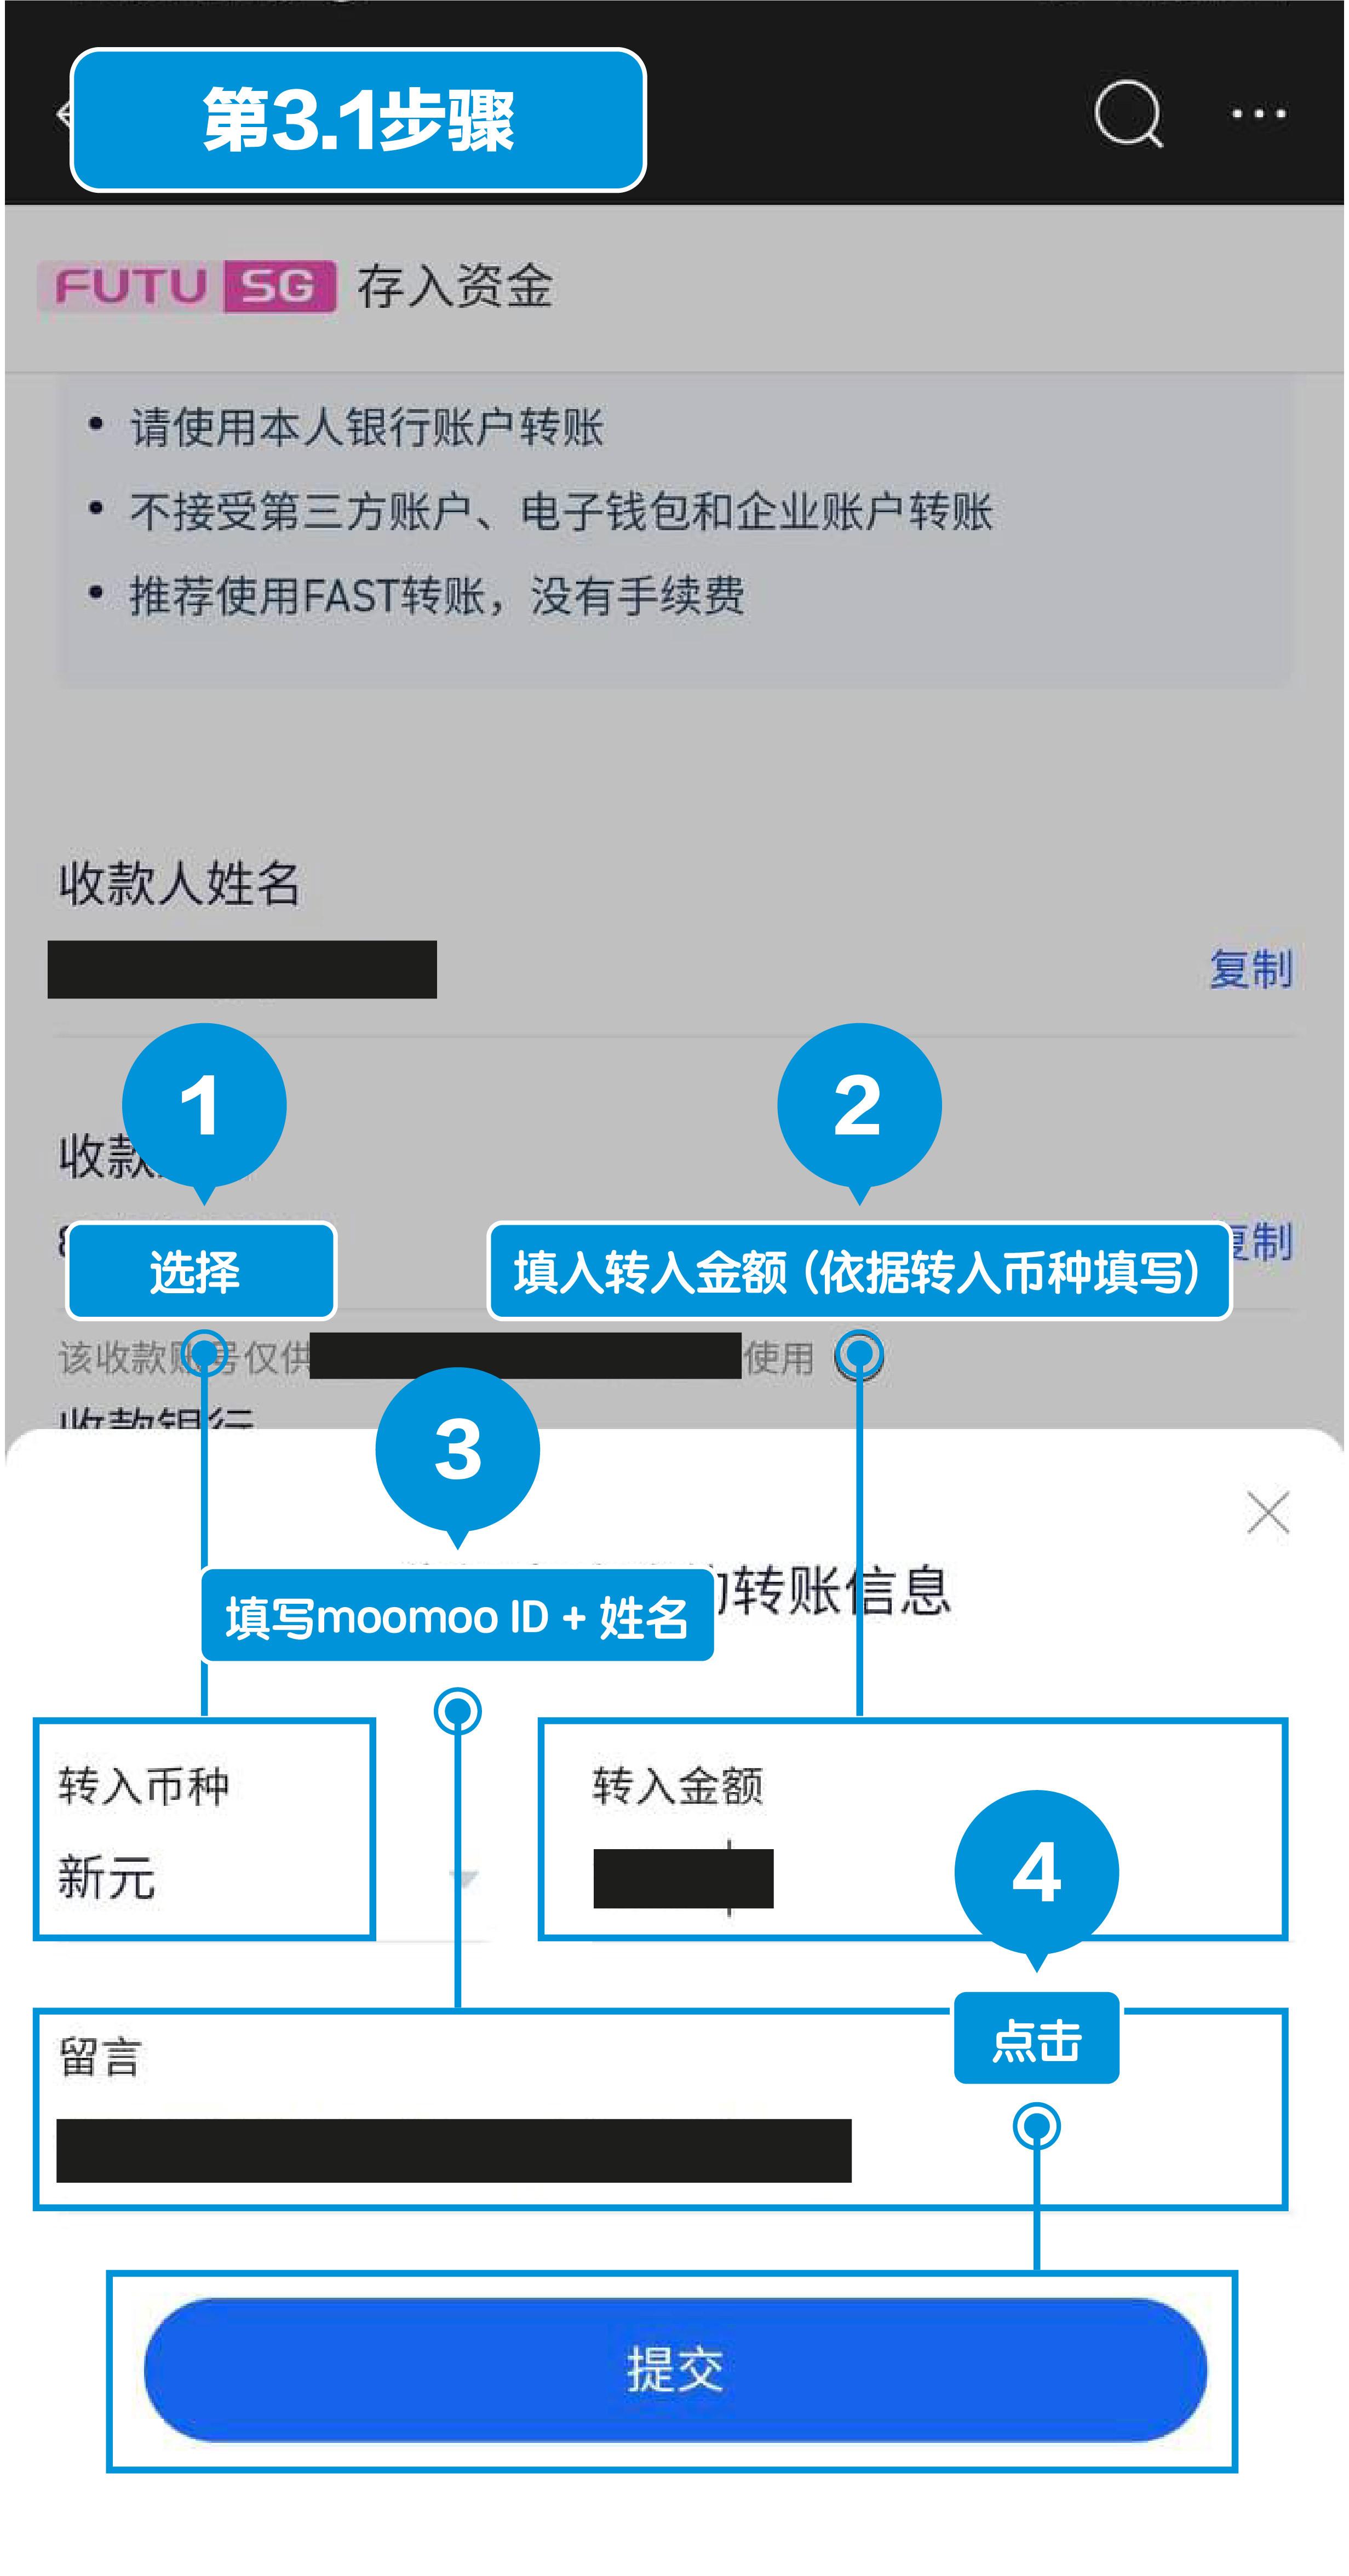 富途证券(新加坡)入金方式第3.1步:告知转账